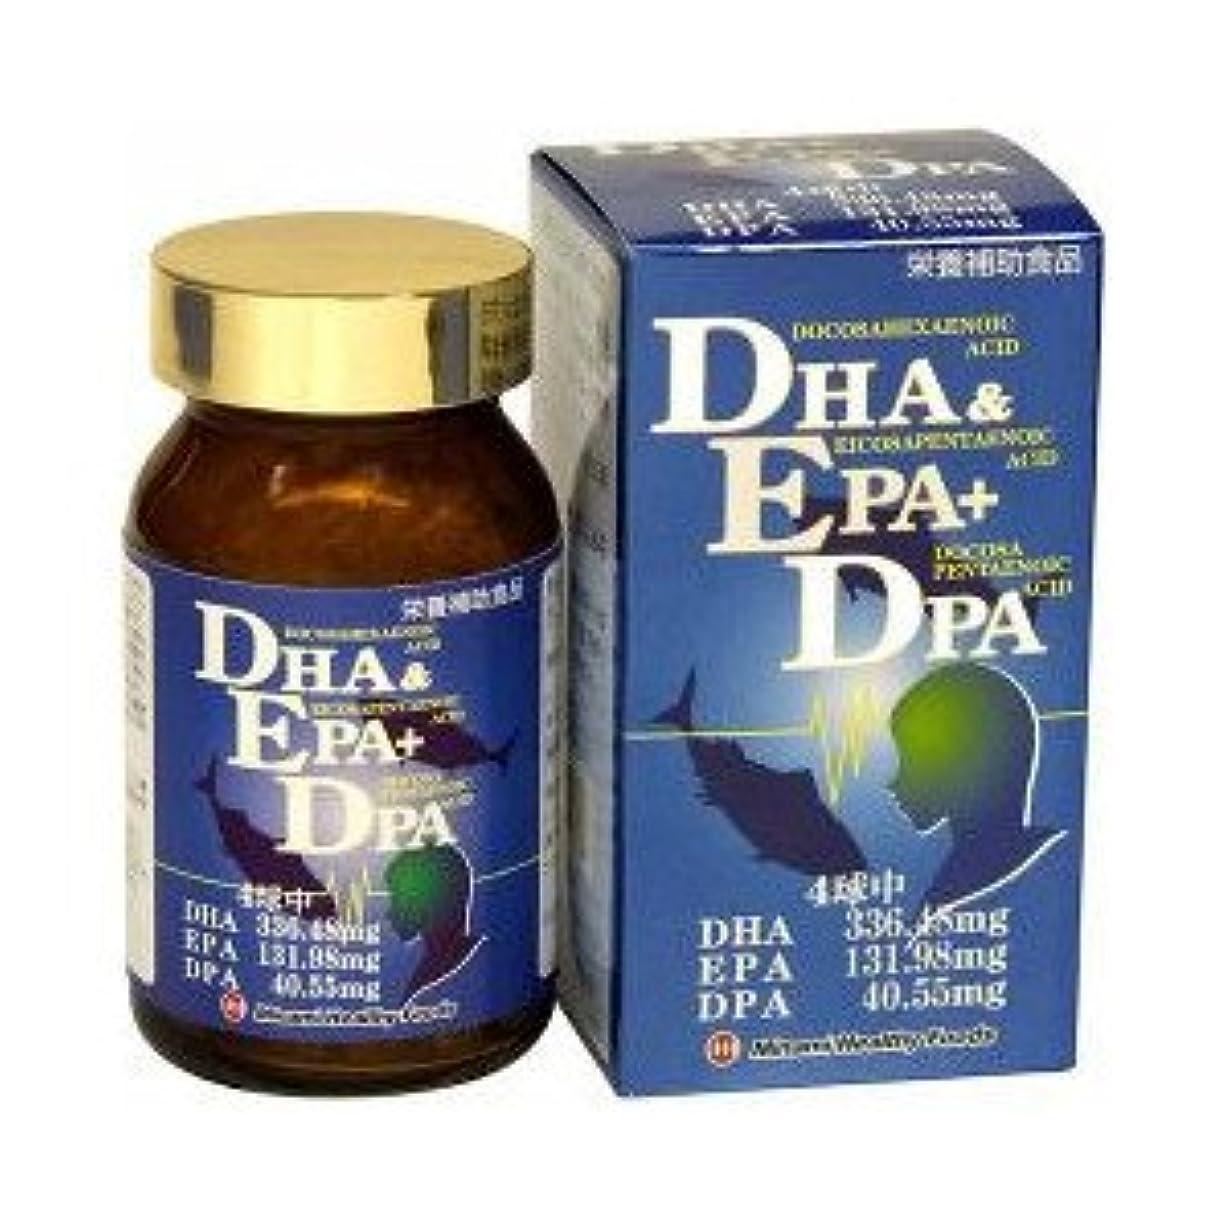 ピースパブ大胆不敵DHA&EPA+DPA 120粒